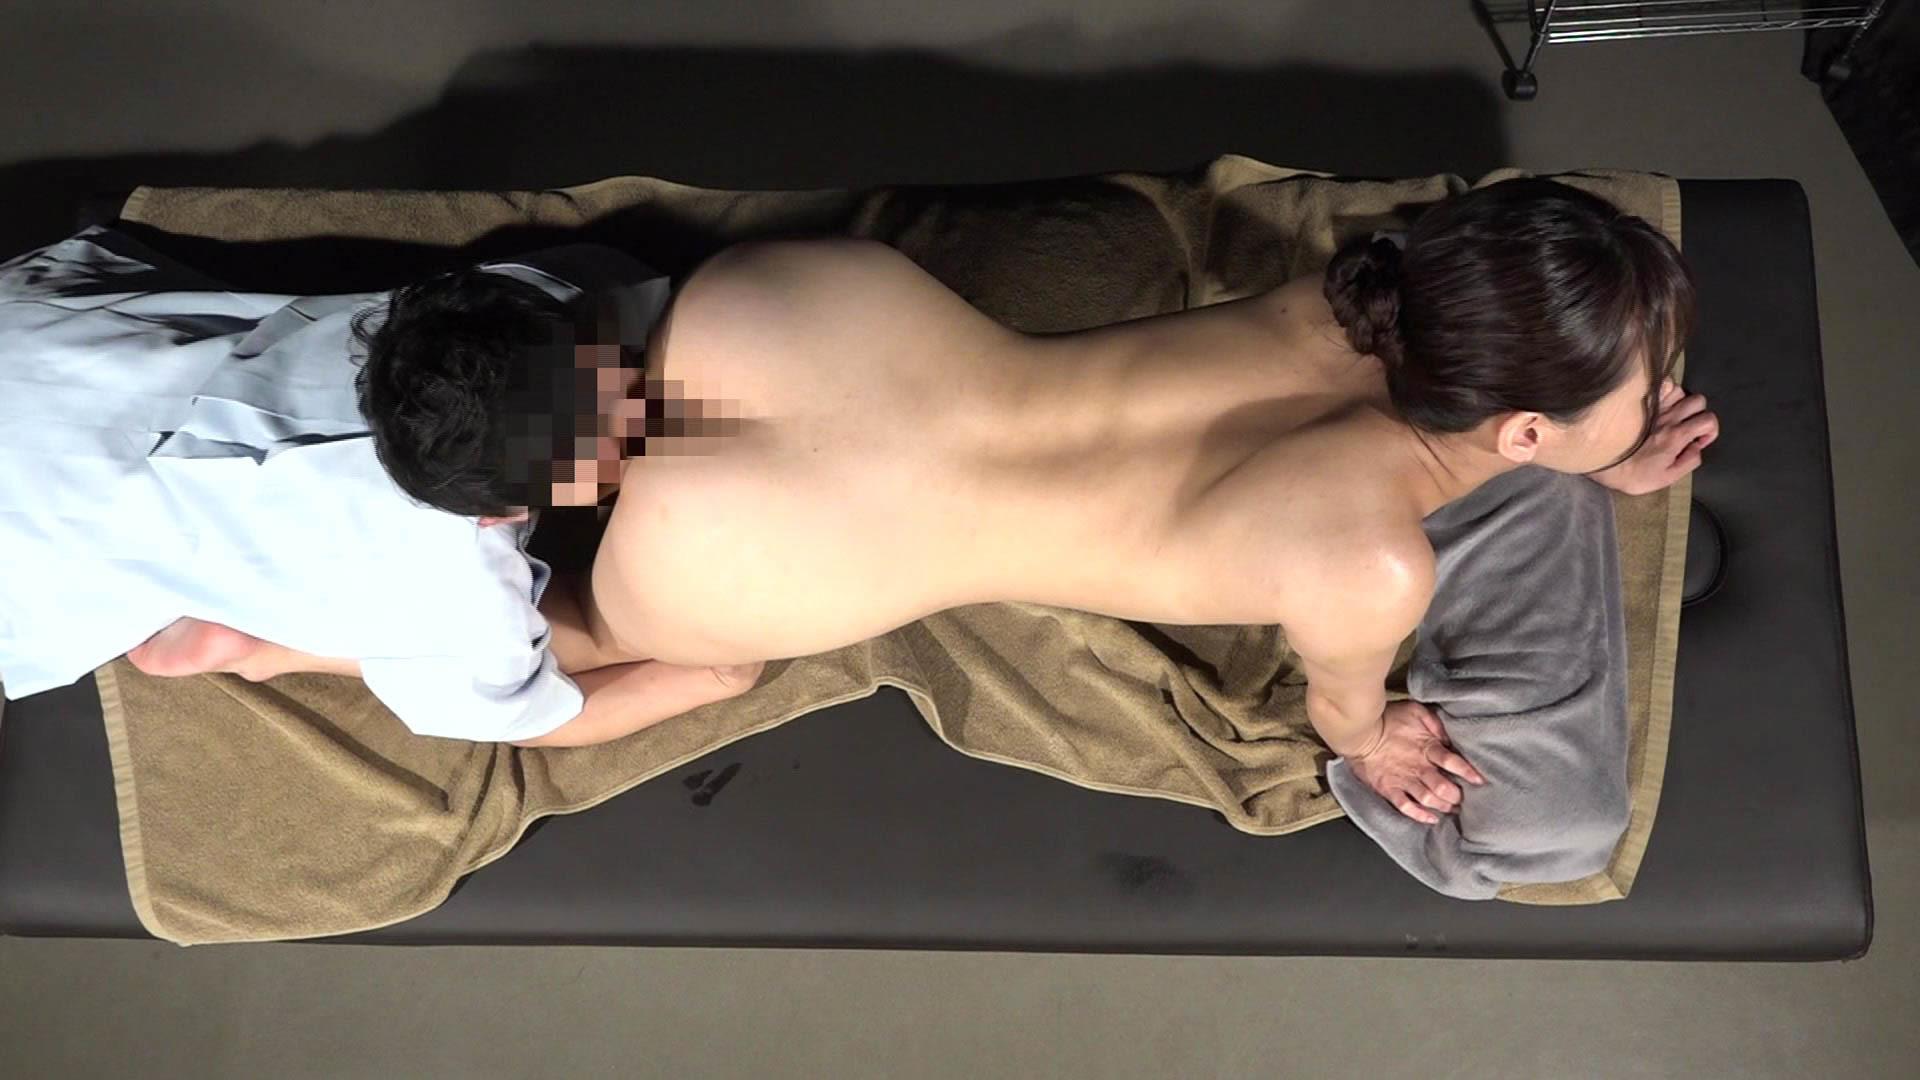 美人歯科衛生士を性感マッサージでとことんイカせてみた 画像4